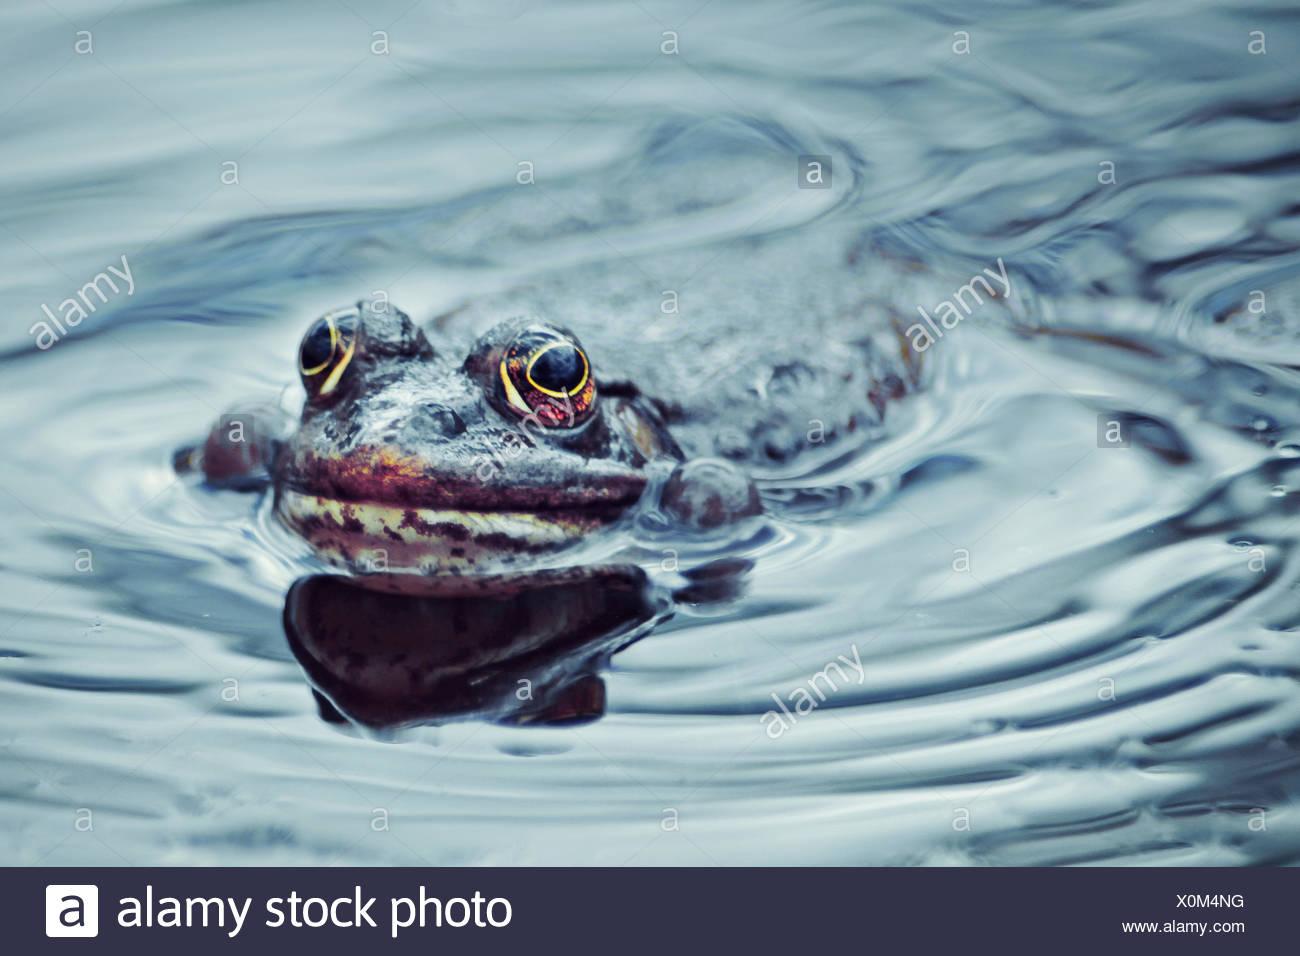 Frog swimming in pond, Zagreb, Croatia - Stock Image